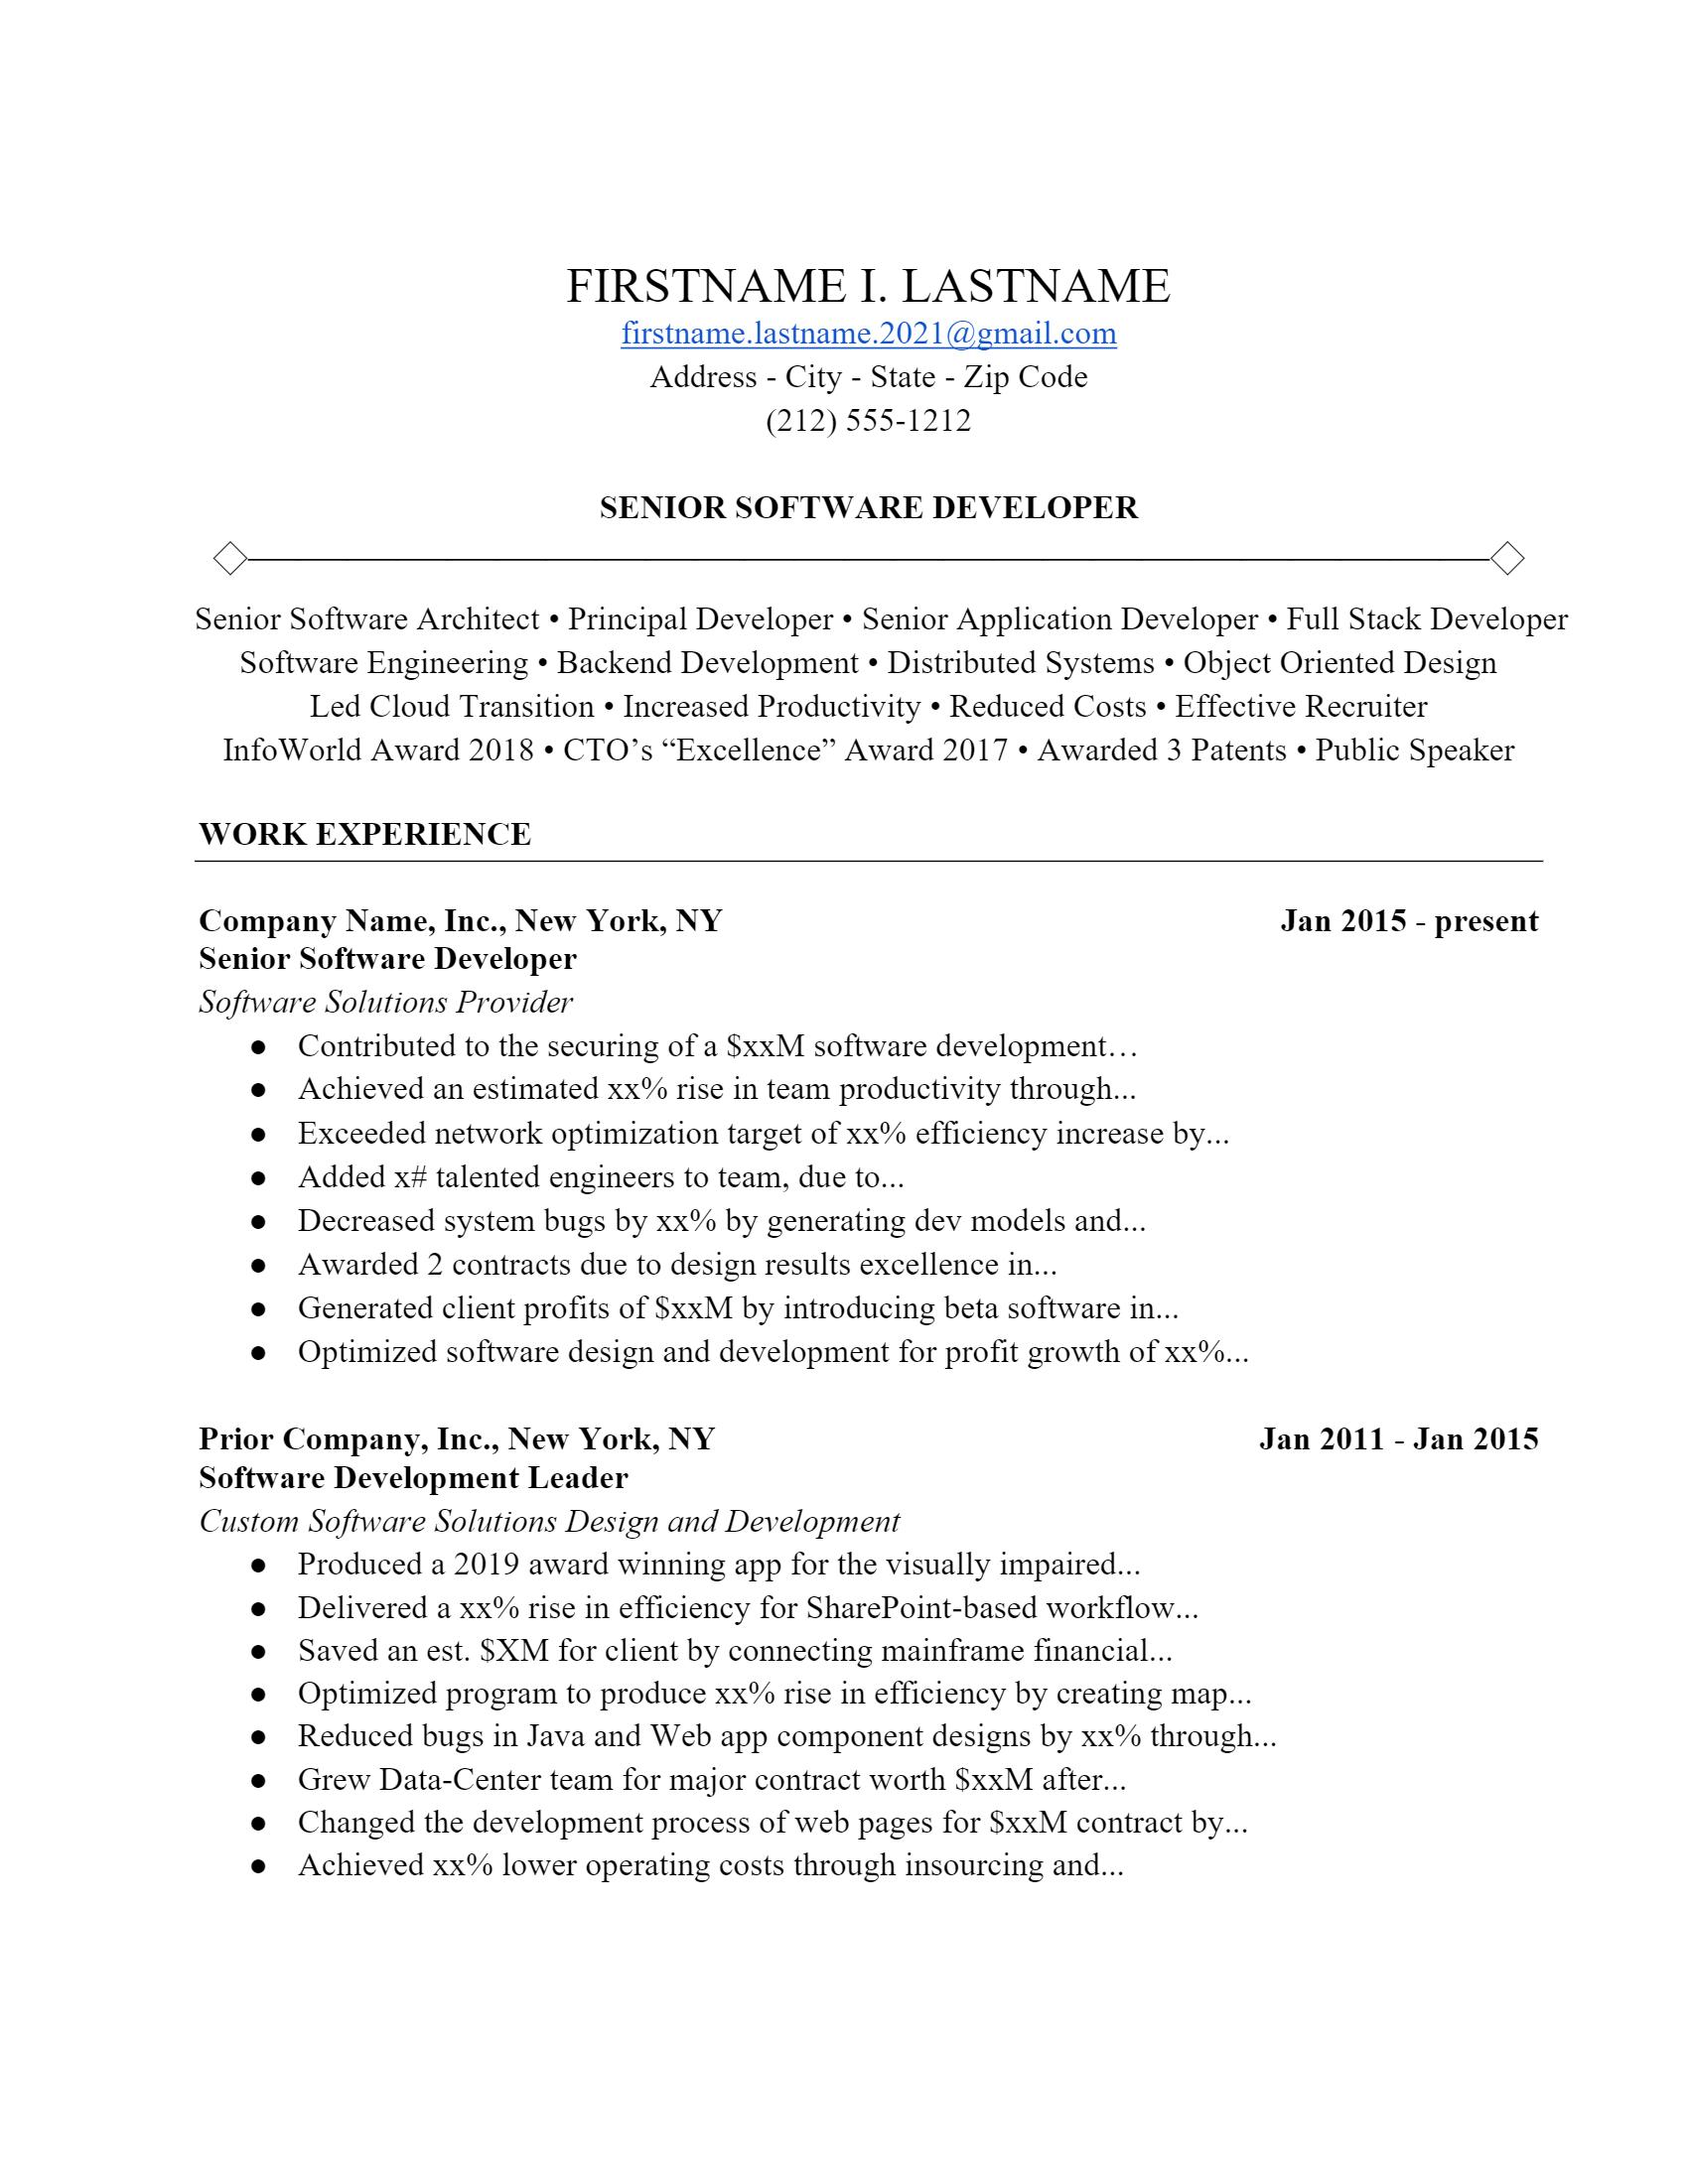 Software Developer Resume > Software Developer Resume .Docx (Word)